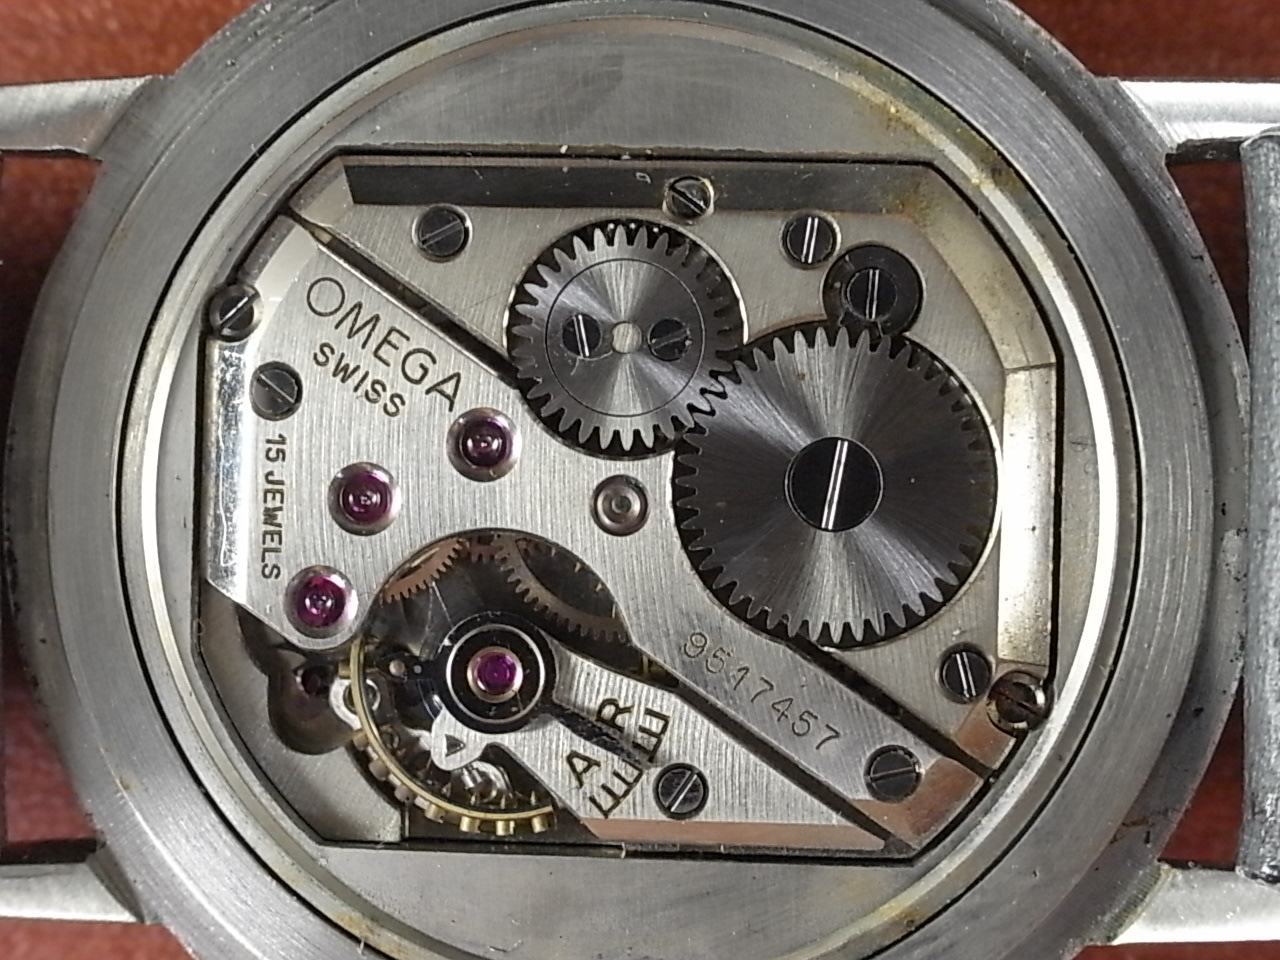 オメガ ブルー/グレー 2トーンダイアル Cal.R17.8 1940年代の写真5枚目